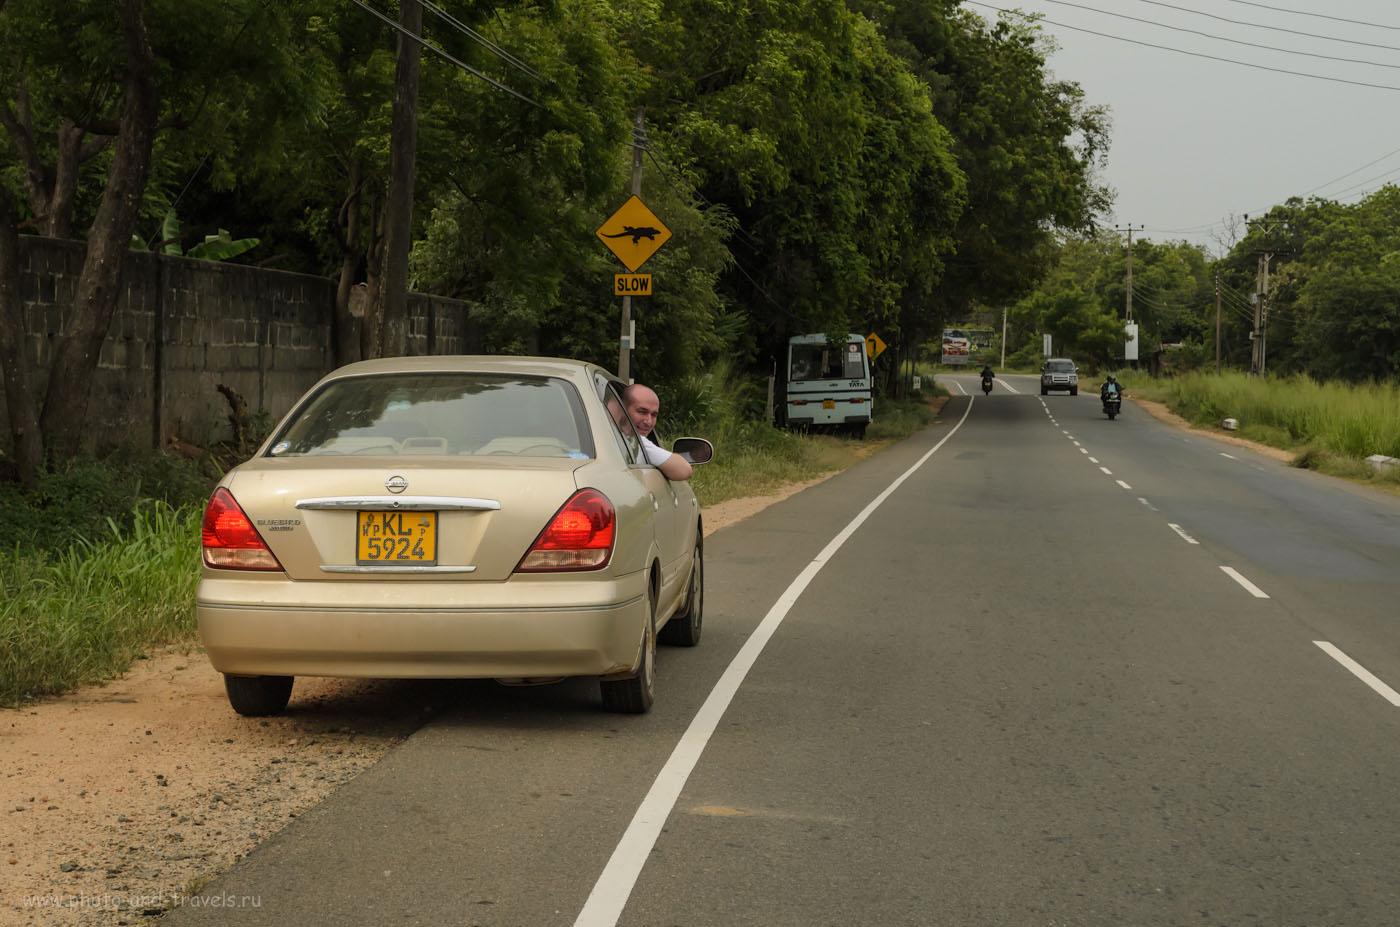 Фото 3. Мы взяли в аренду машину Nissan Bluebird Sylphy и самостоятельно проехали около 1200 км по дорогам Шри-Ланки. Отчеты туристов об отдыхе дикарями на Цейлоне в мае. Все фотографии в отчете сняты на любительскую зеркальную камеру Nikon D5100 KIT 18-55. Параметры съемки: выдержка 1/1250, диафрагма f/7.1, ISO640, фокусное расстояние 44.